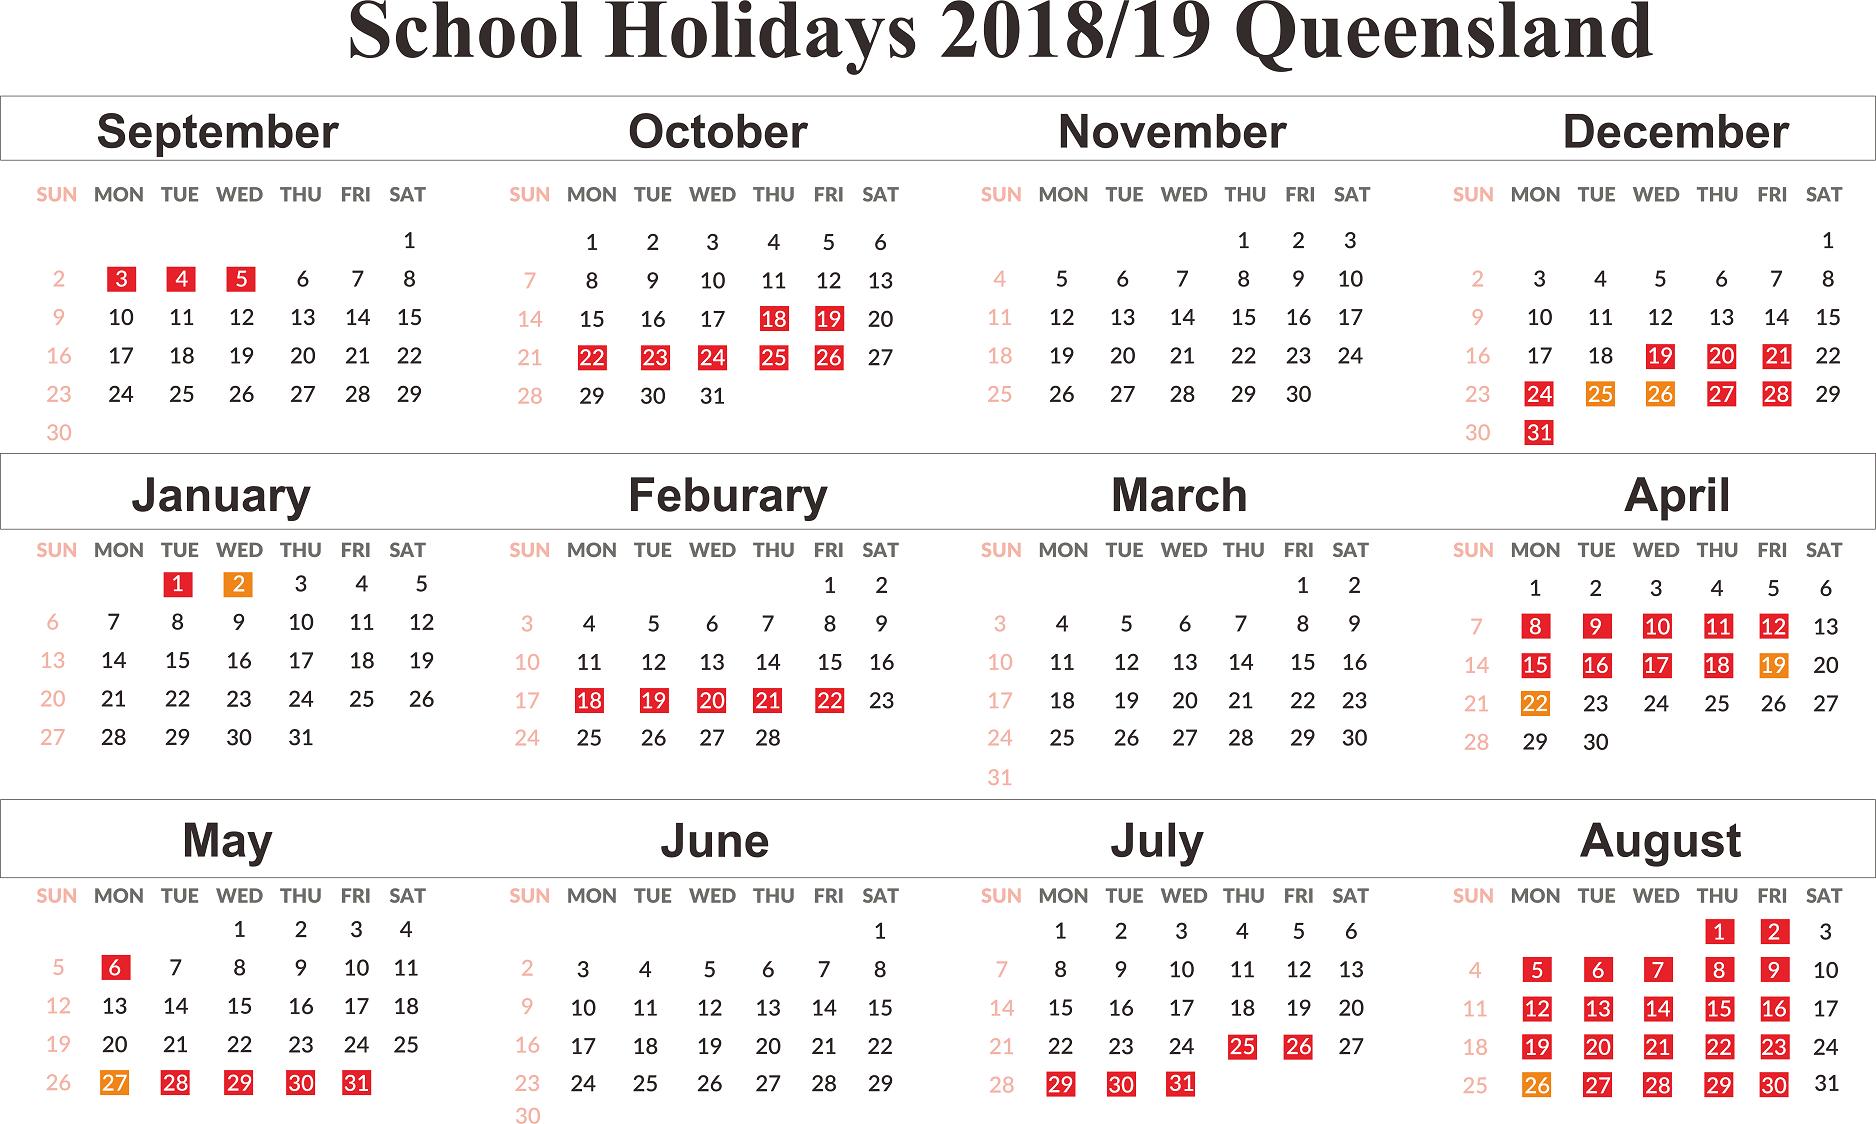 Free Qld (Queensland) School Holidays Calendar 2018 2019 | Free 2019 Calendar Qld Holidays